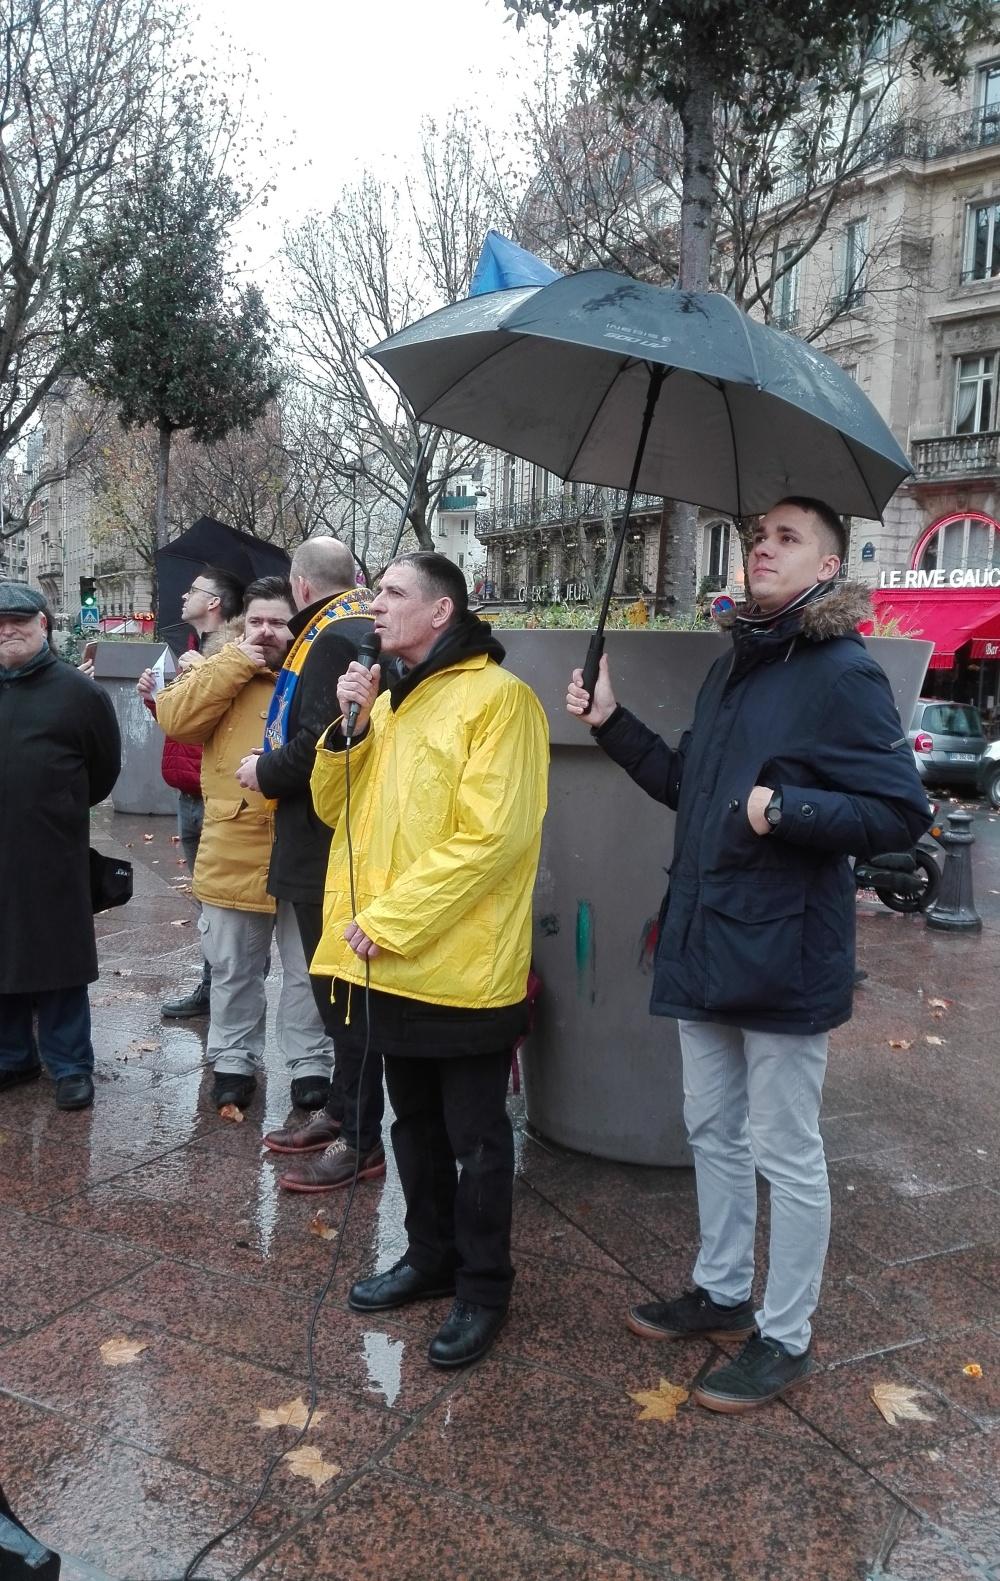 ІванПастернак (голова Спілки української молоді Франції AJUF) Акція на підтримку України напередодні саміту «Нормандії» Париж 8 грудня 2019